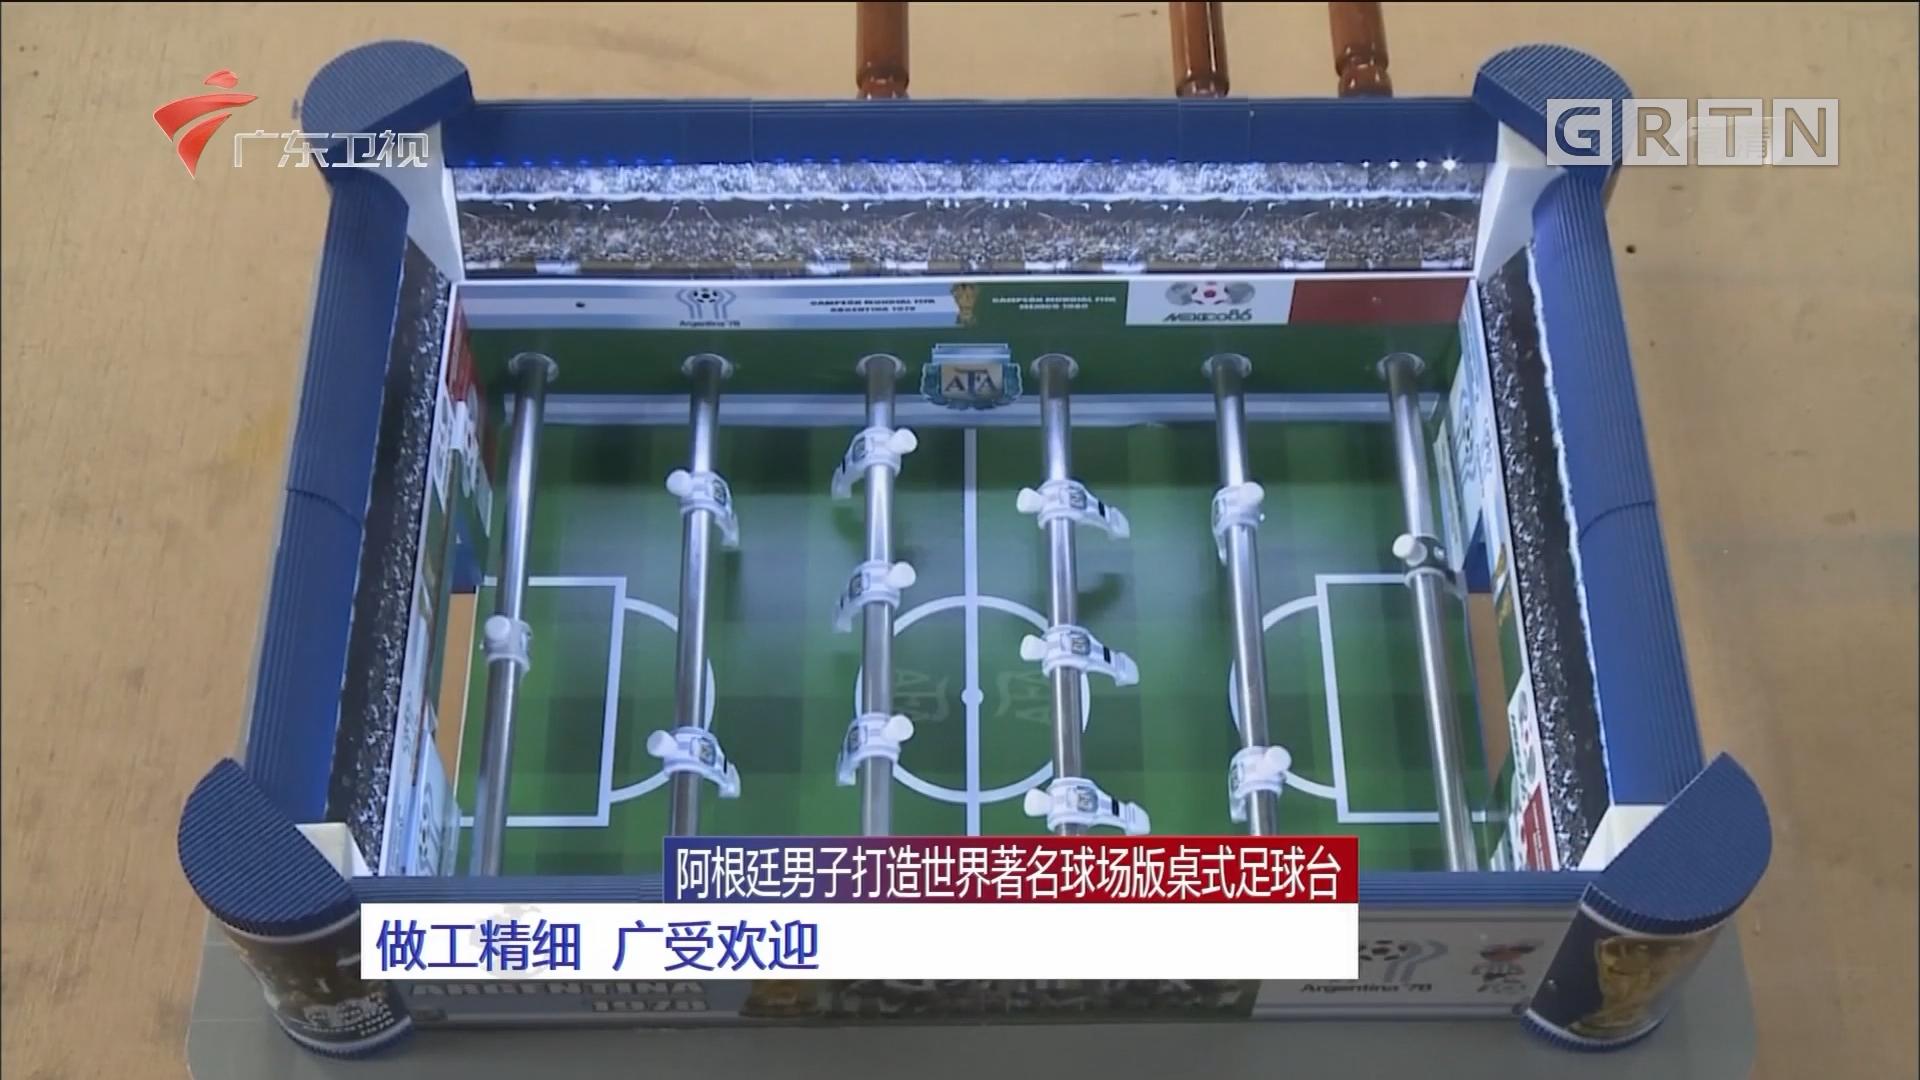 阿根廷男子打造世界著名球场版桌式足球台:做工精细 广受欢迎